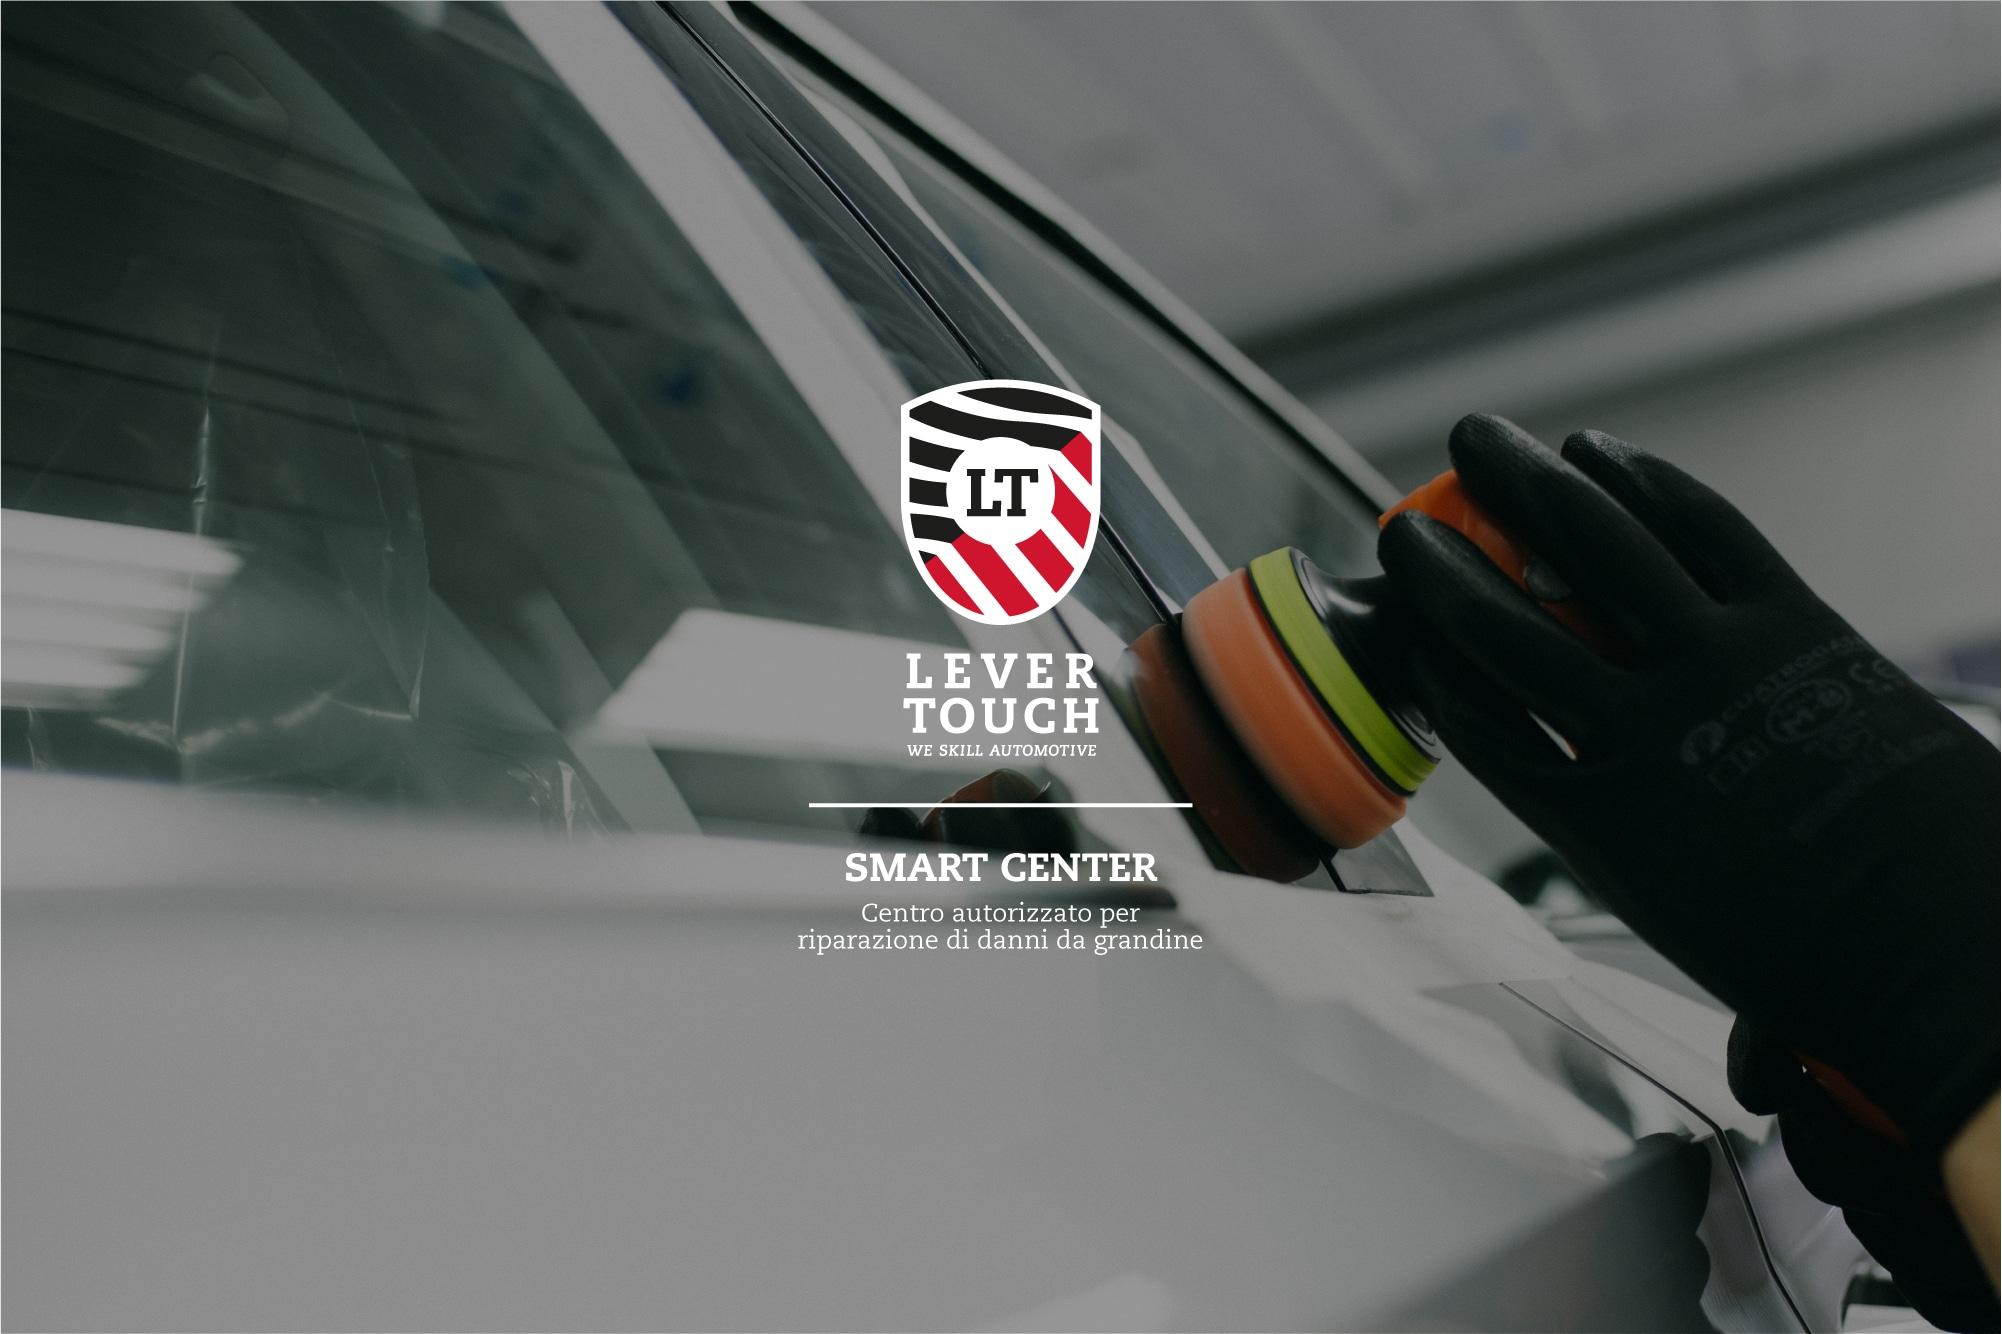 Officine auto per i danni da grandine in Italia: i Lever Touch Smart Center